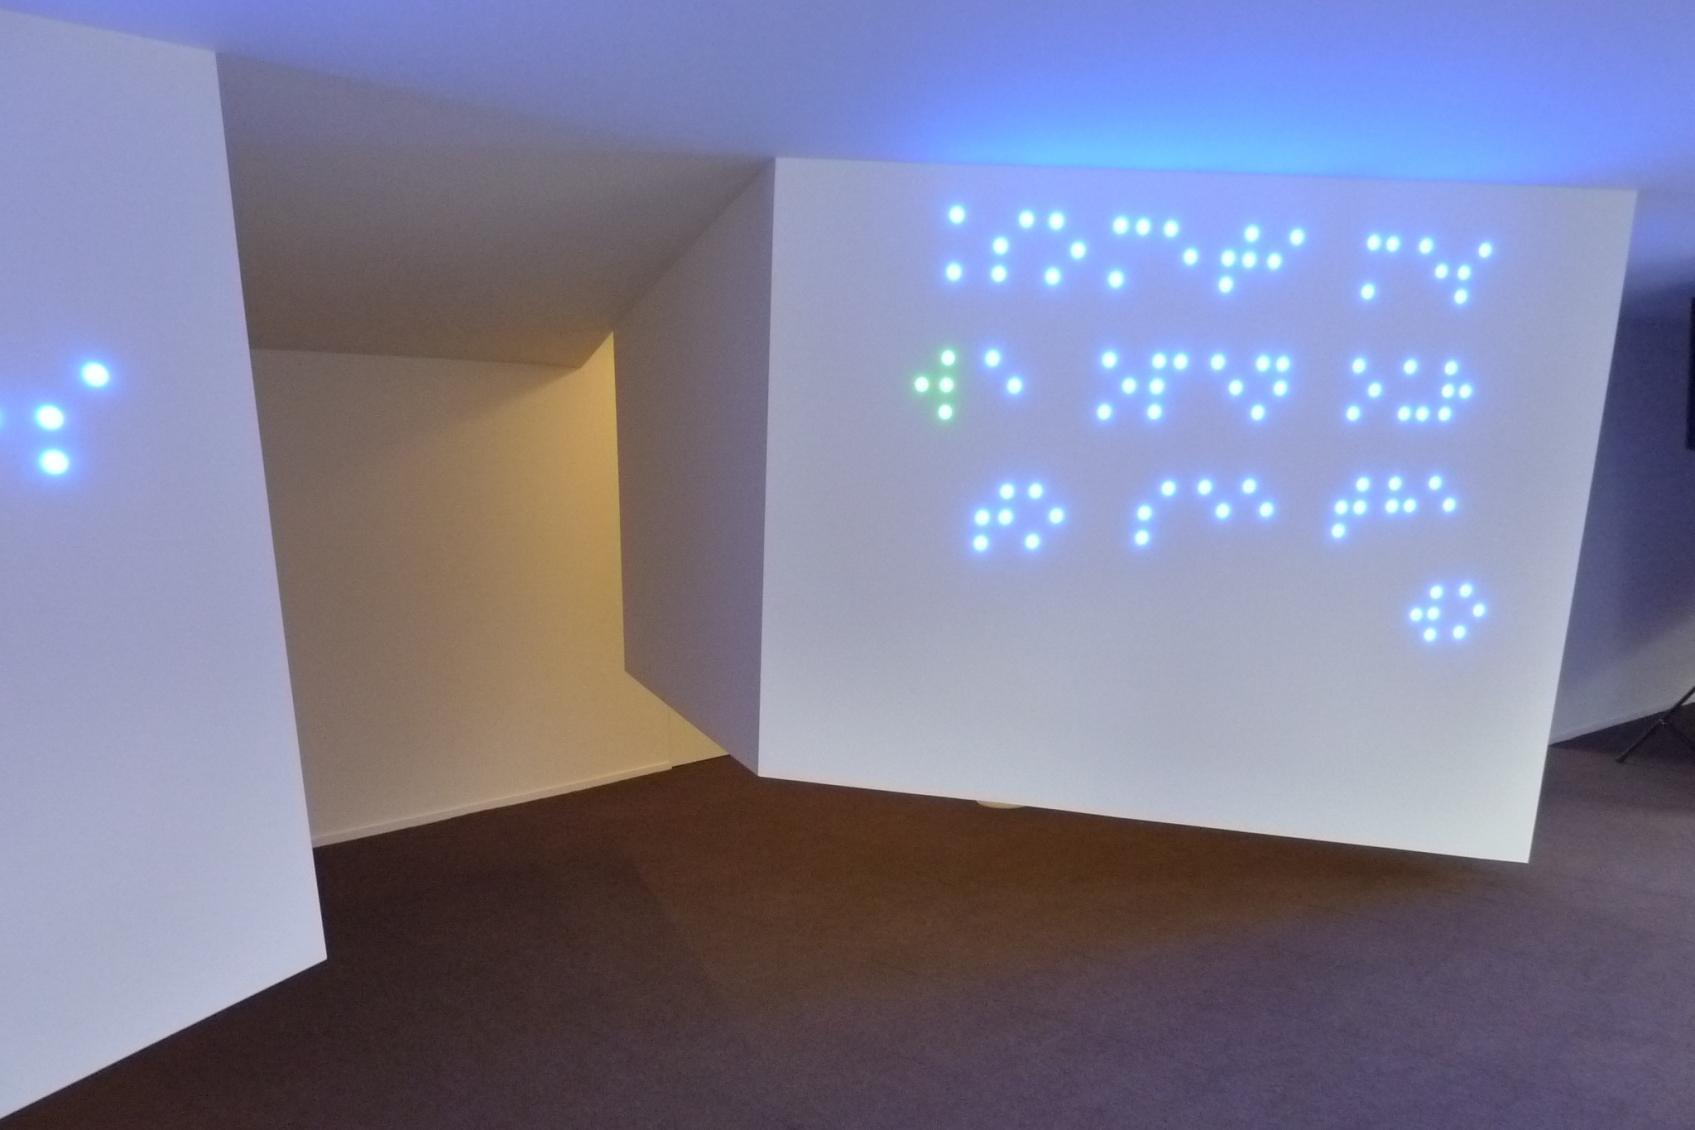 lichtarchitectuur door lichthuis